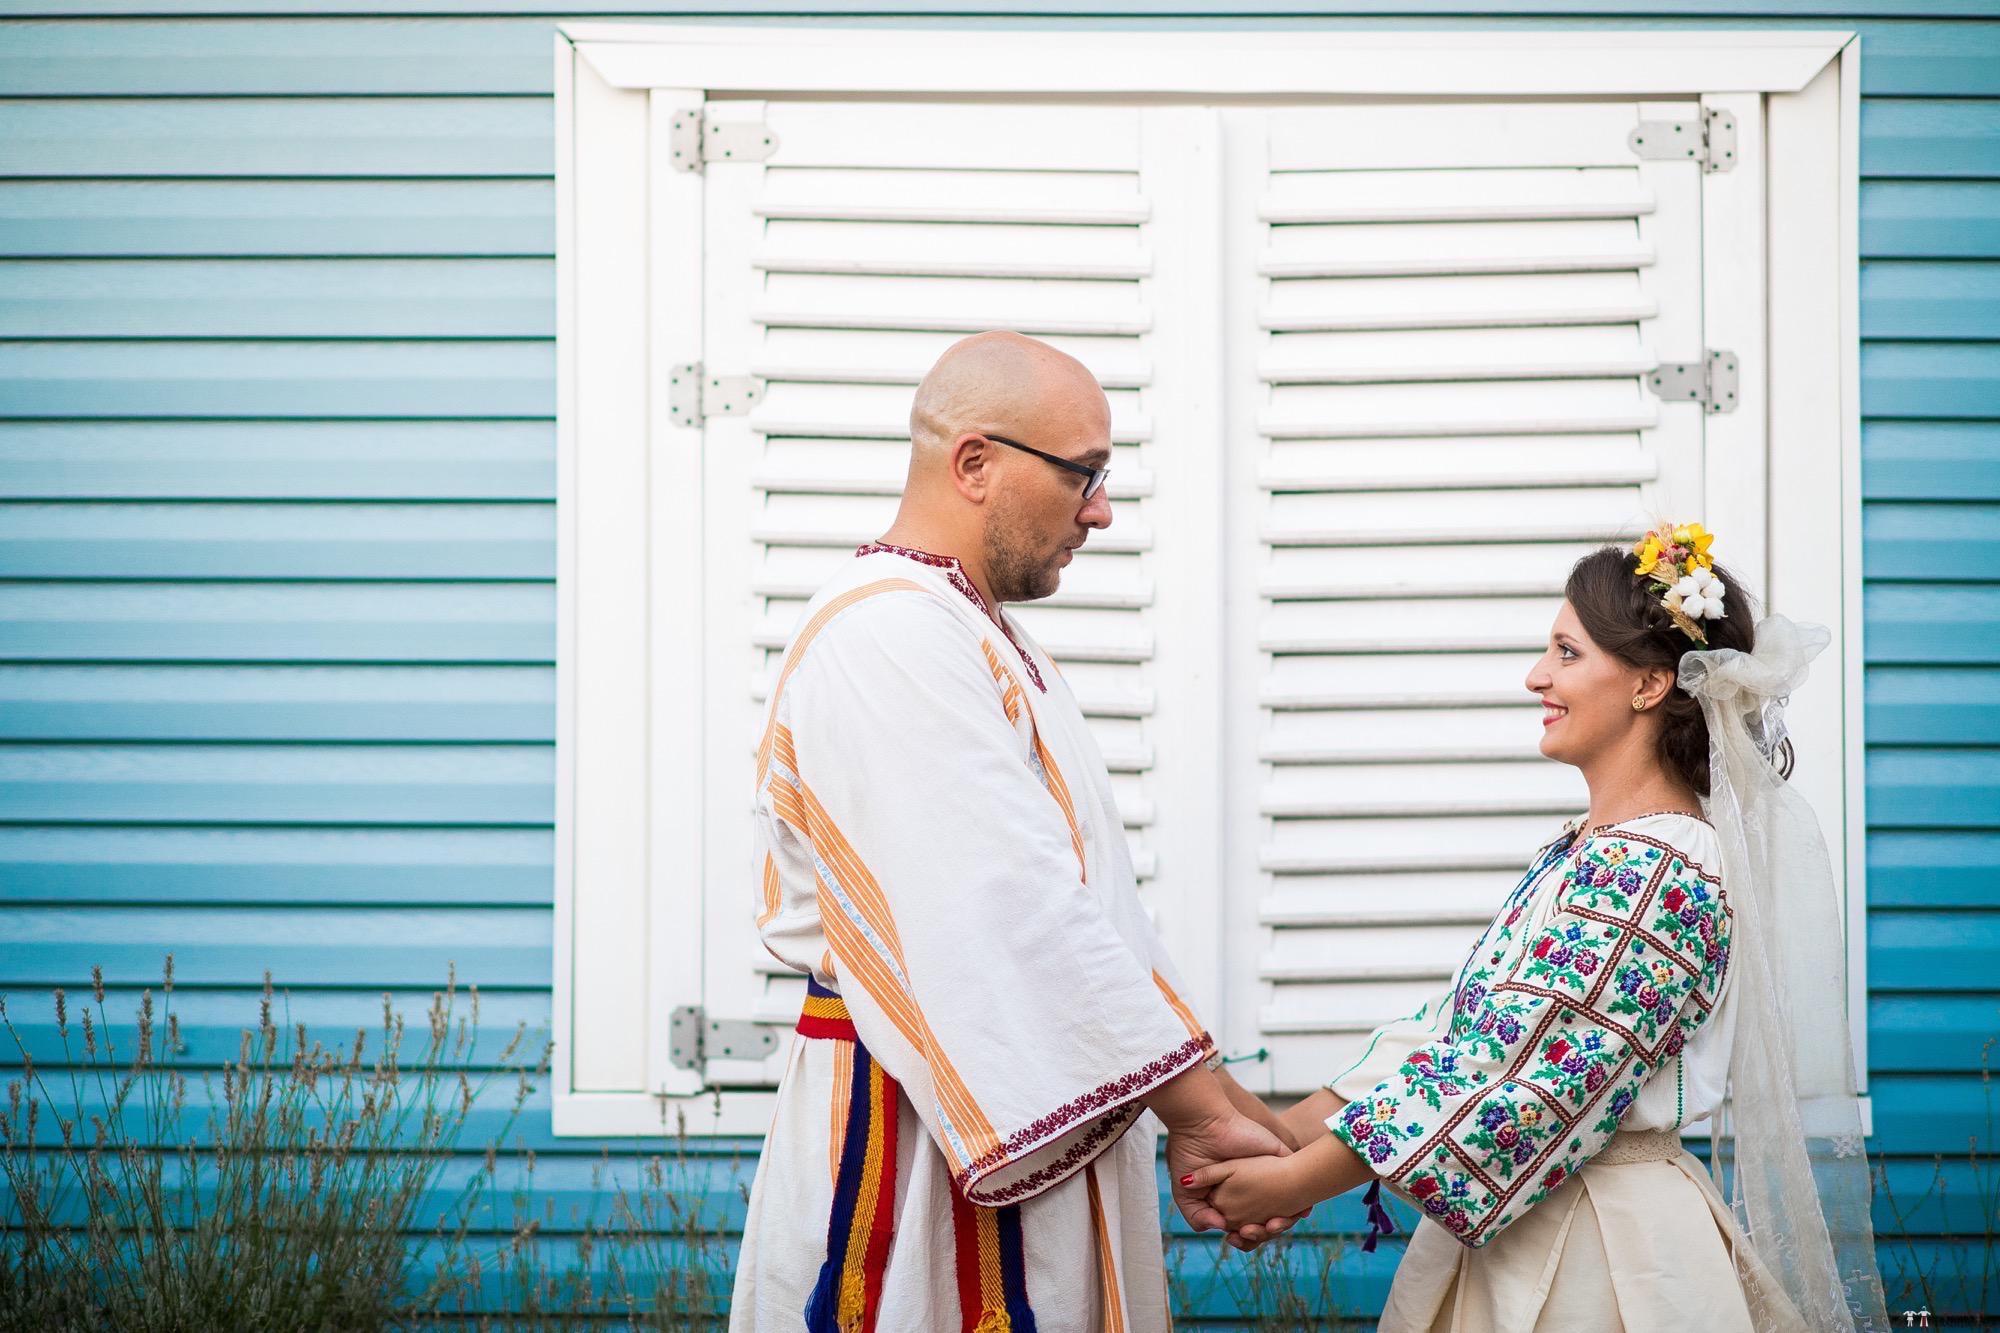 Povești Nunți Tradiționale - Ioana și Andrei. Nuntă tradițională în București. 43